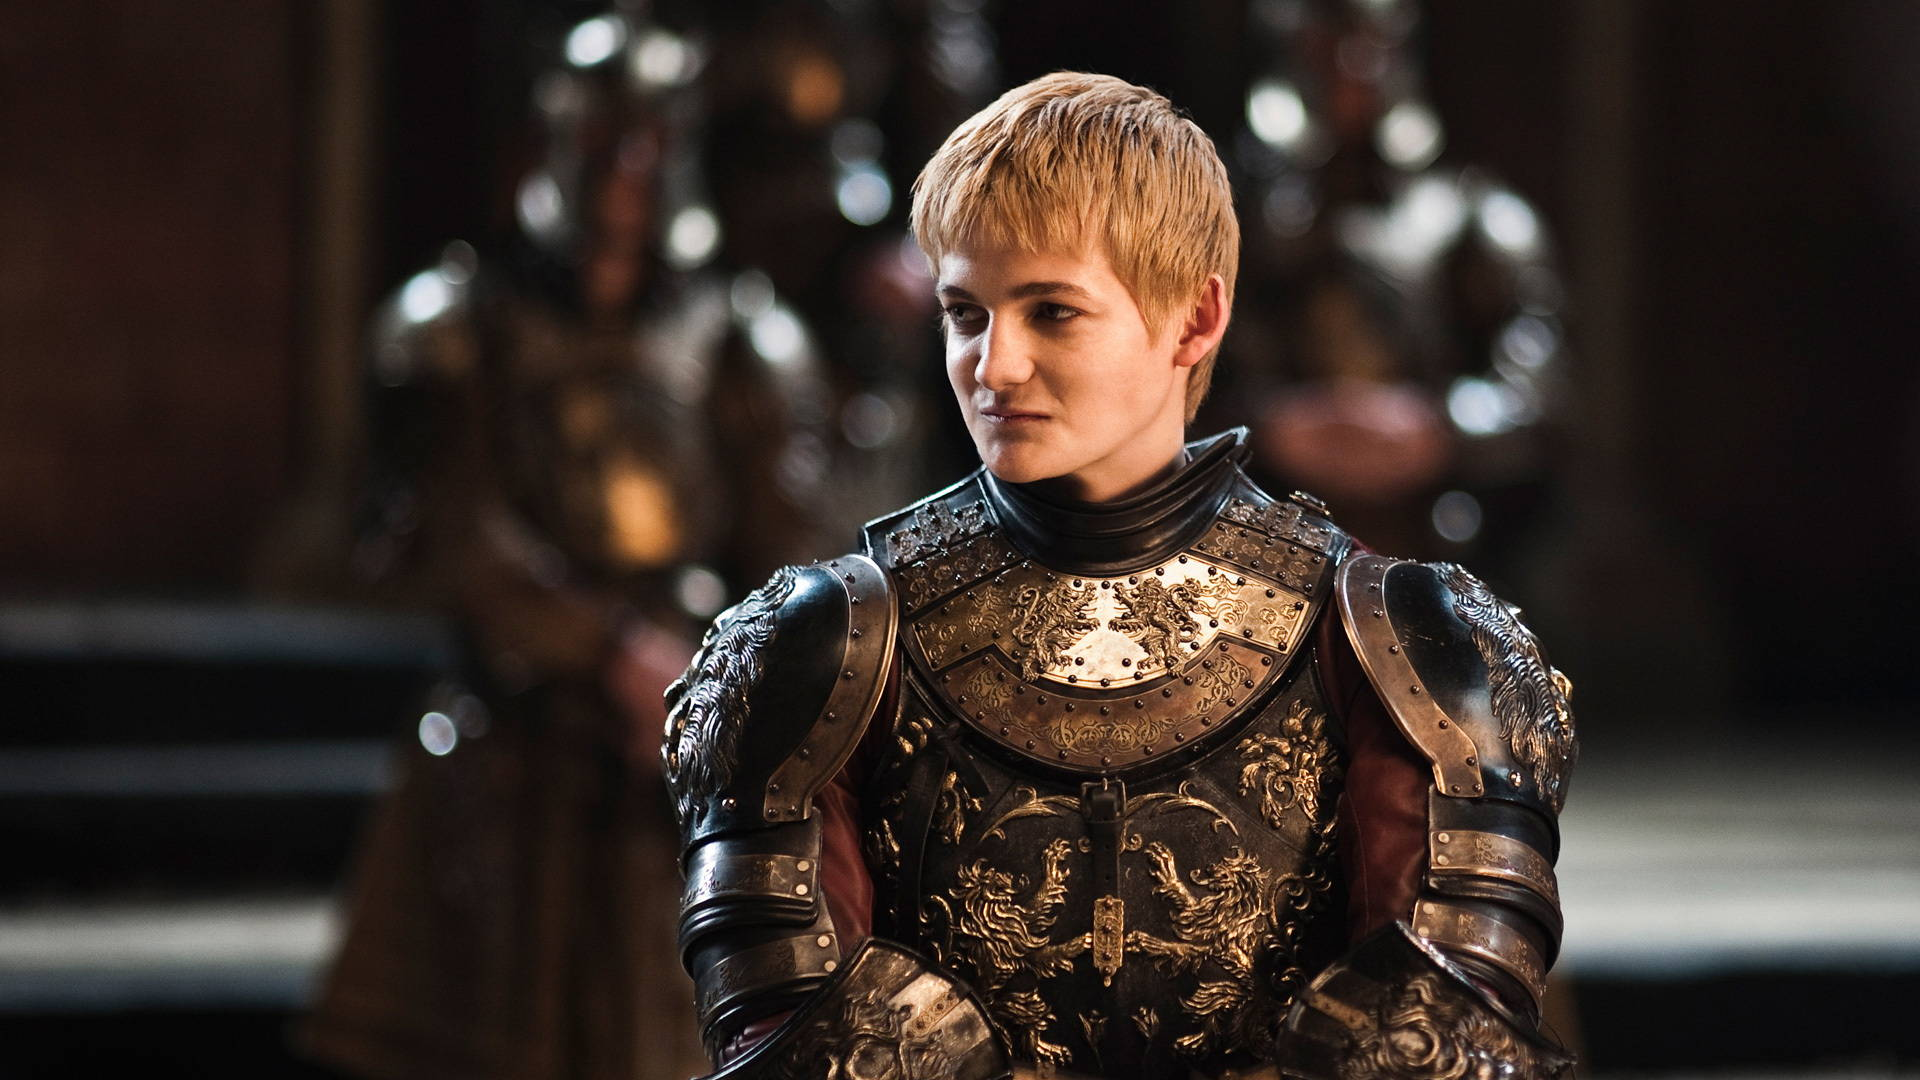 Game of Thrones Joffrey Baratheon Gluten Free All-Natural Supplements